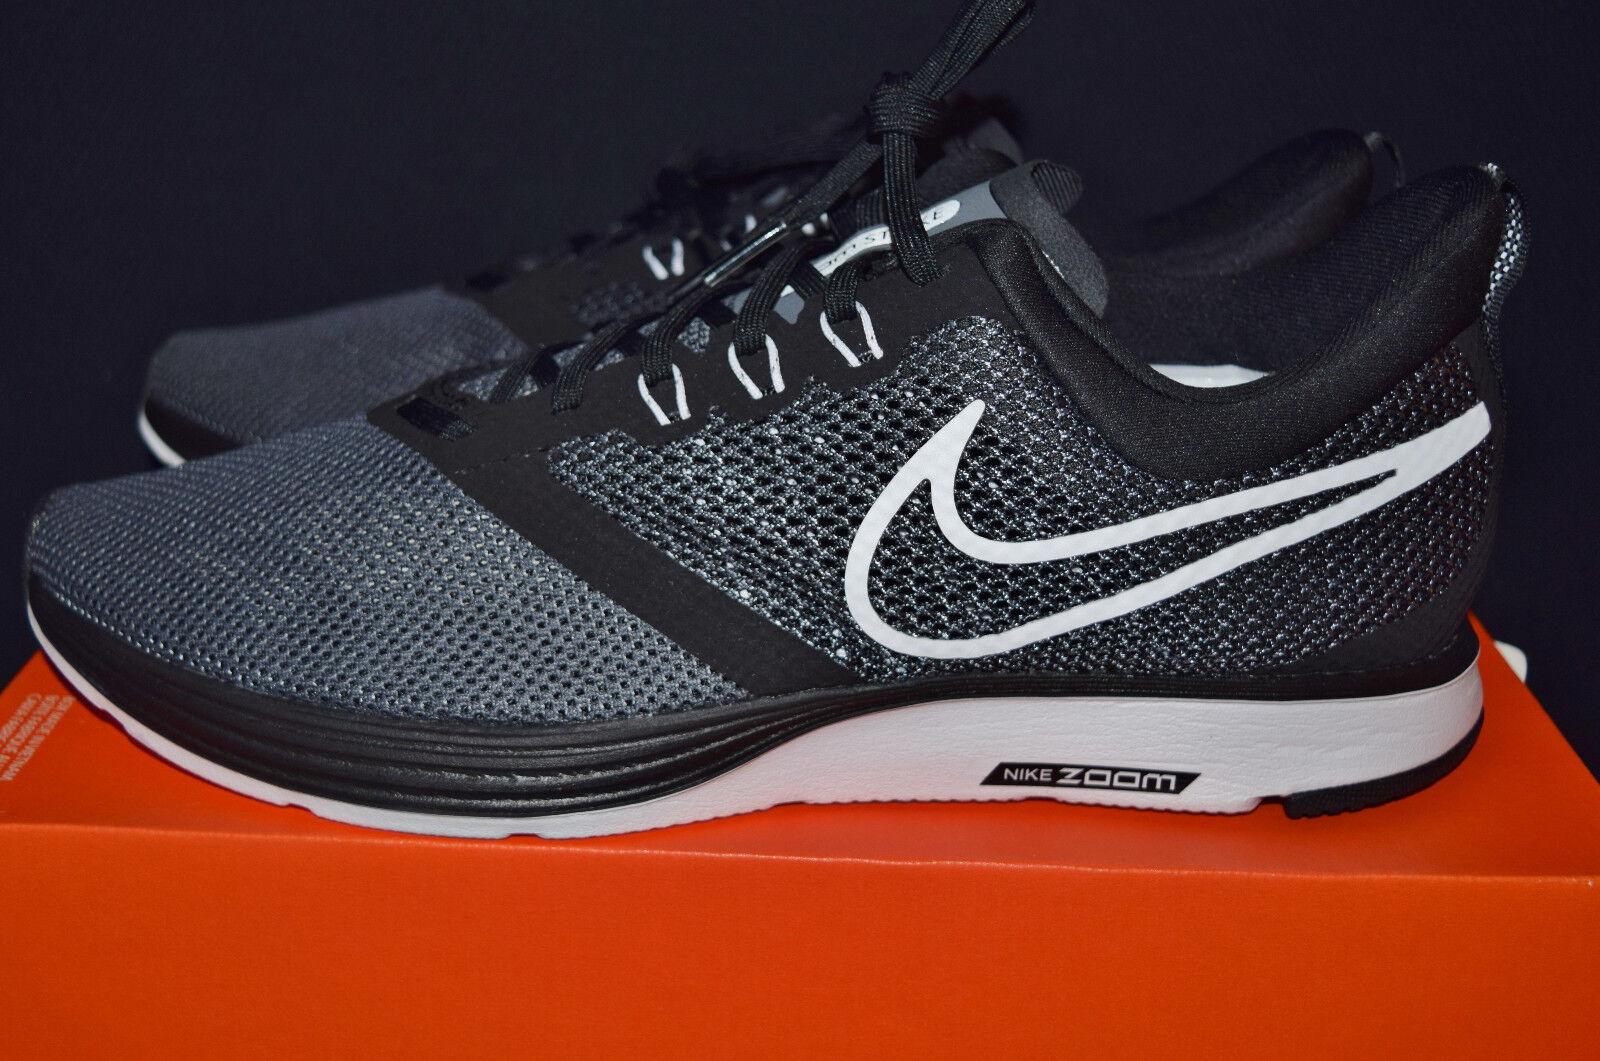 6594b5eecf4a8 New Nike Zoom Strike Mens Running Shoes Sz Sz Sz 11.5 Black White 1b1e93